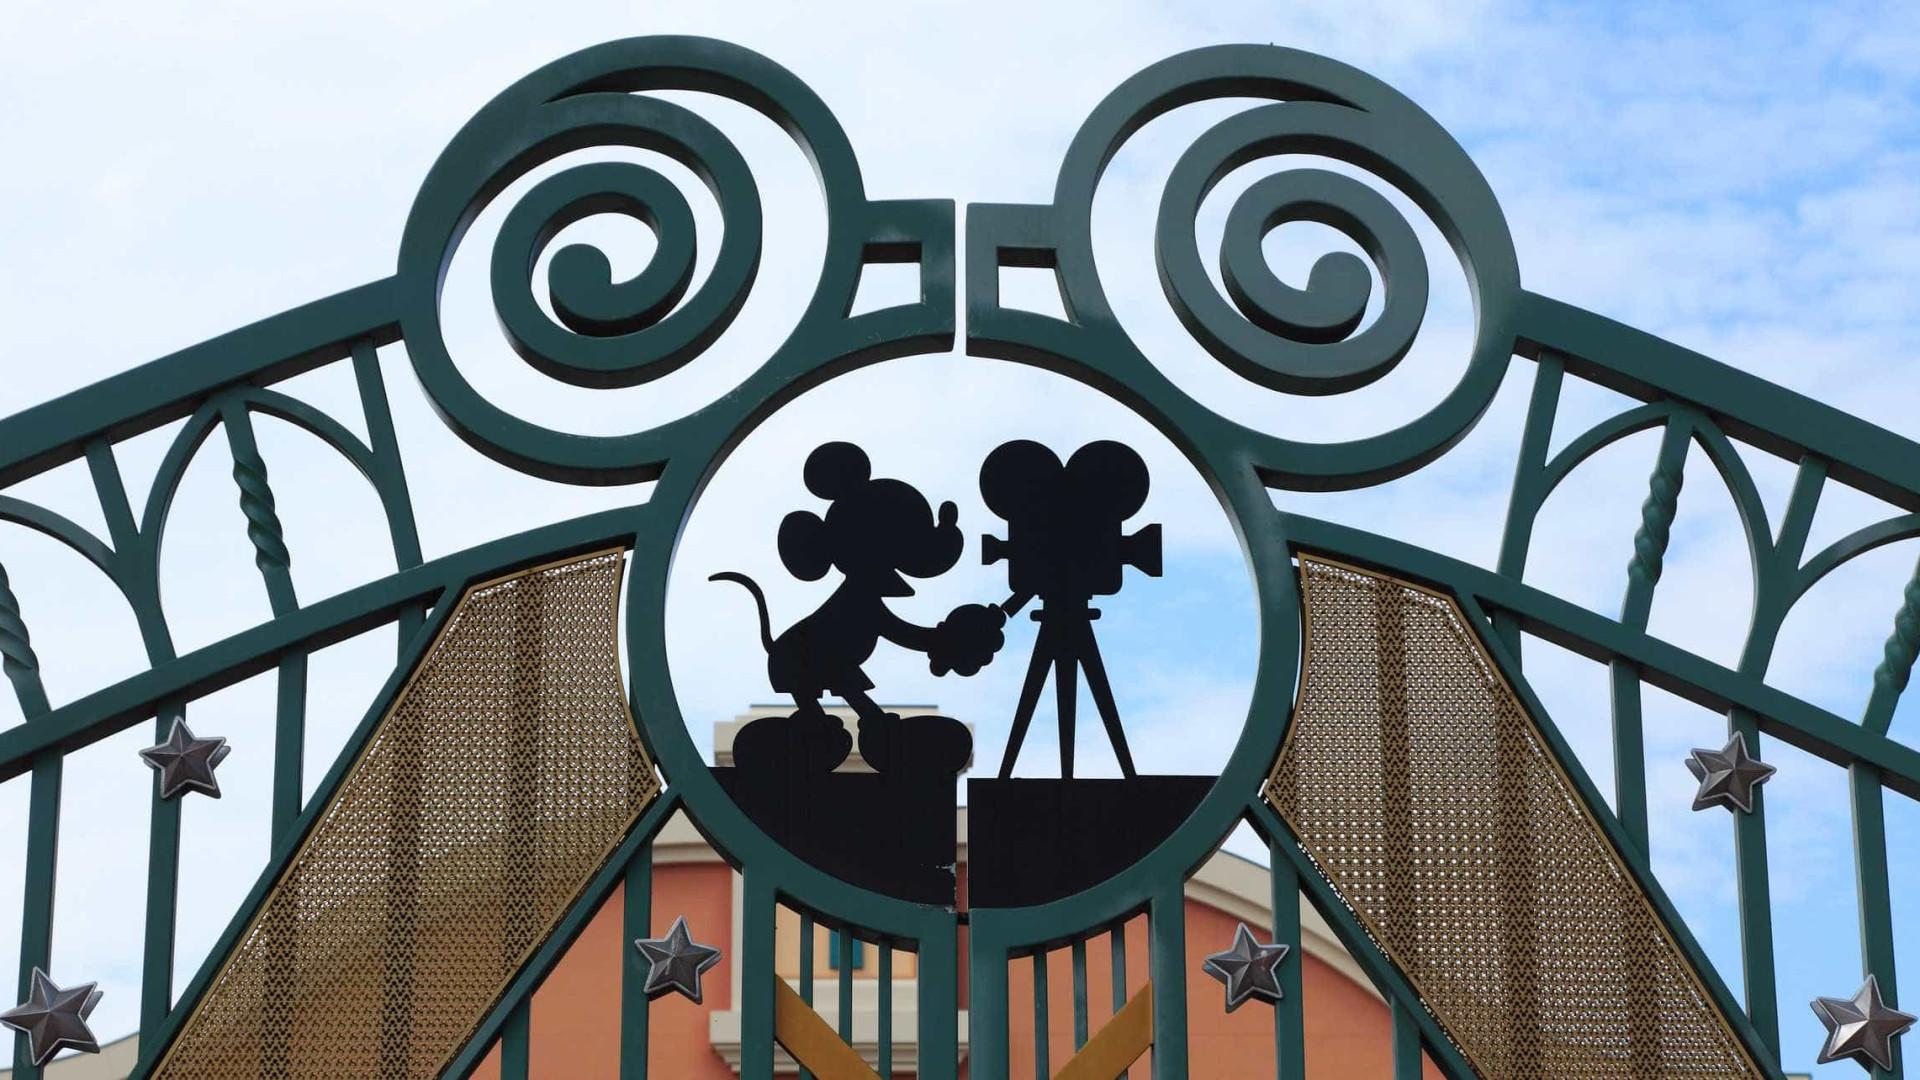 Rival da Netflix a ser criado pela Disney não terá conteúdo para adultos